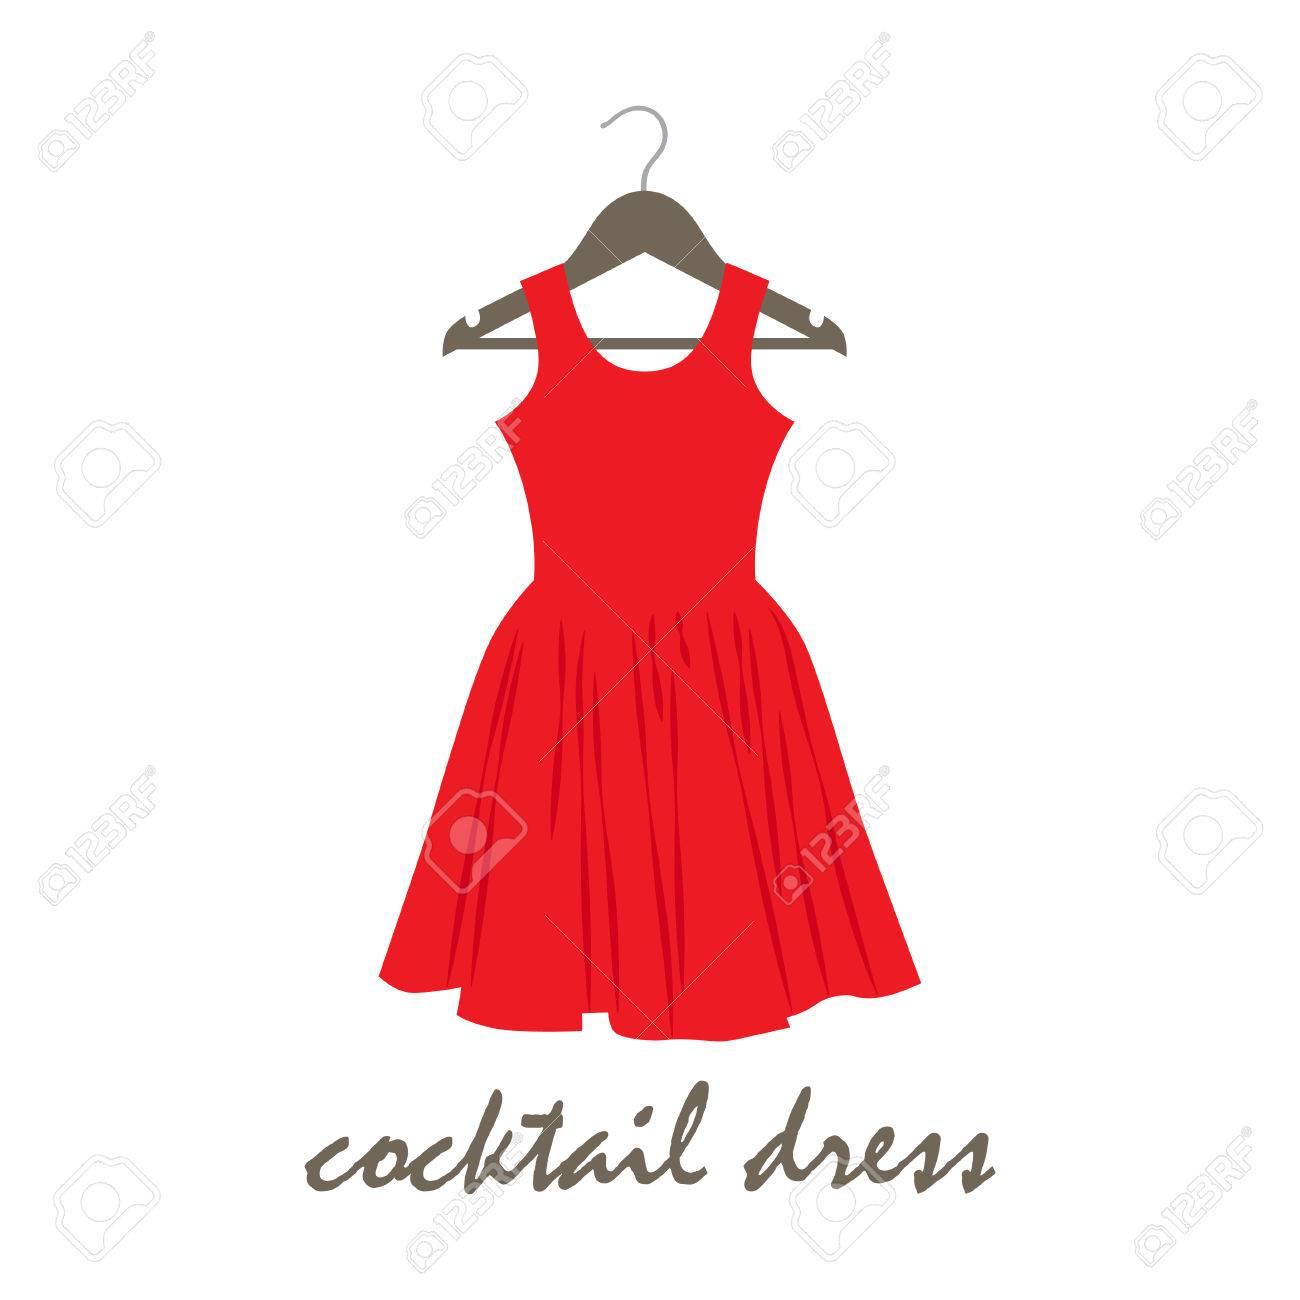 Vektor-Illustration Eines Cocktail-Kleid Auf Kleiderbügel Lizenzfrei ...